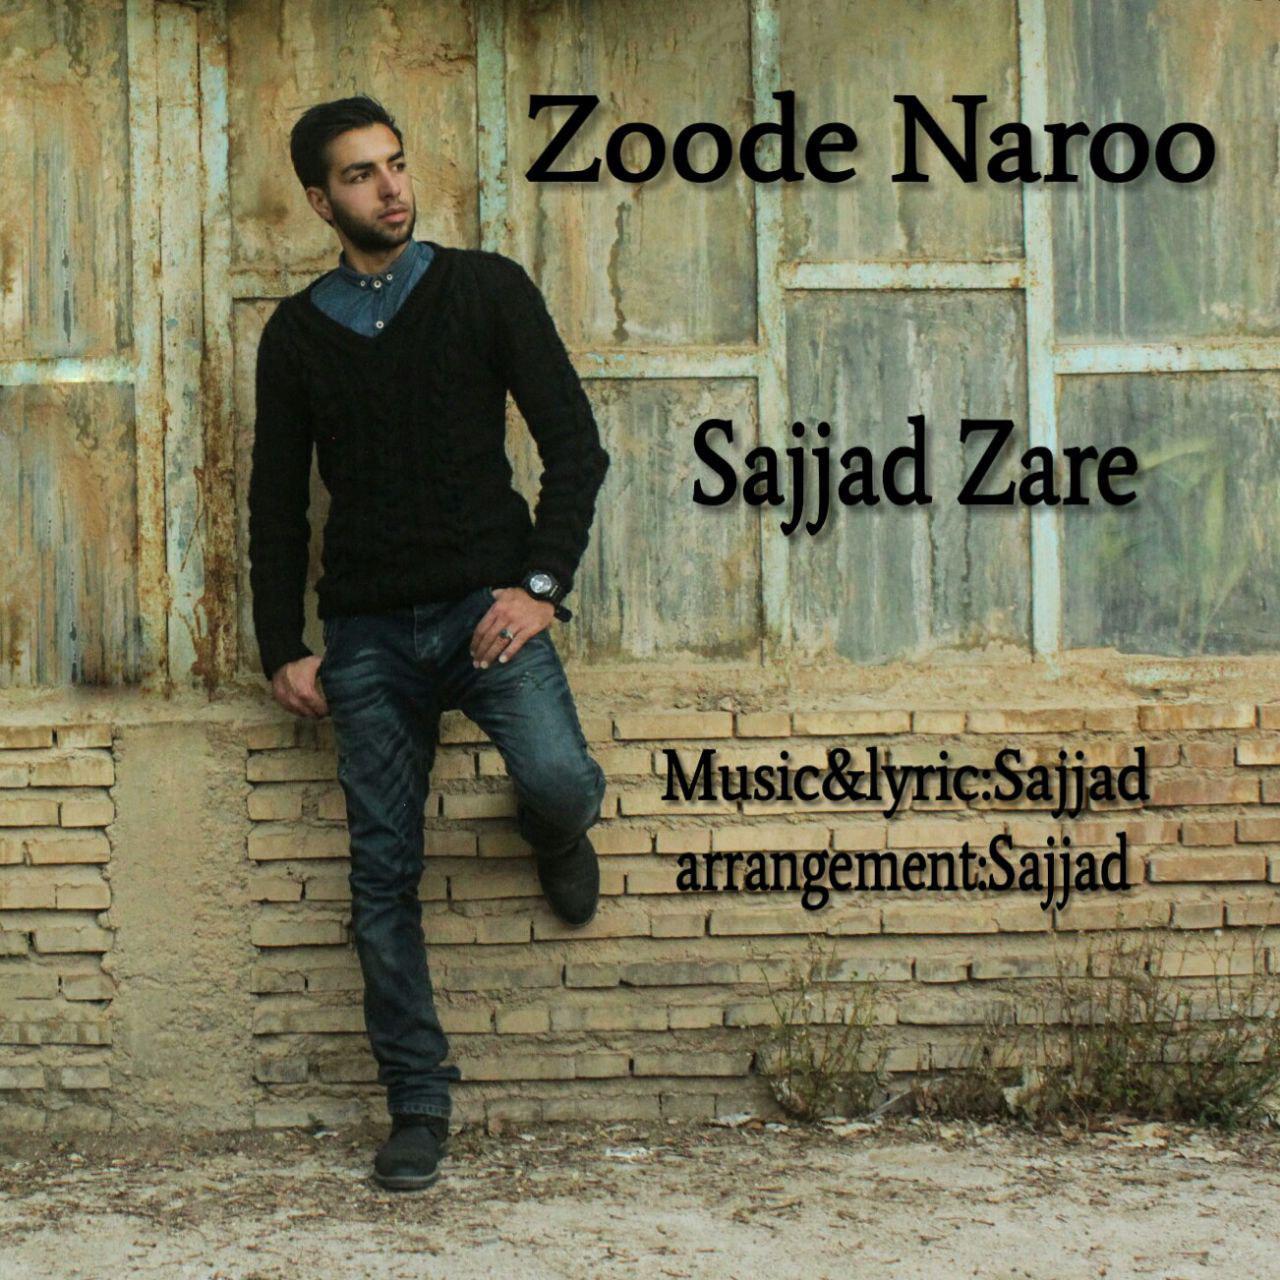 Sajjad Zare – Zoode Naroo